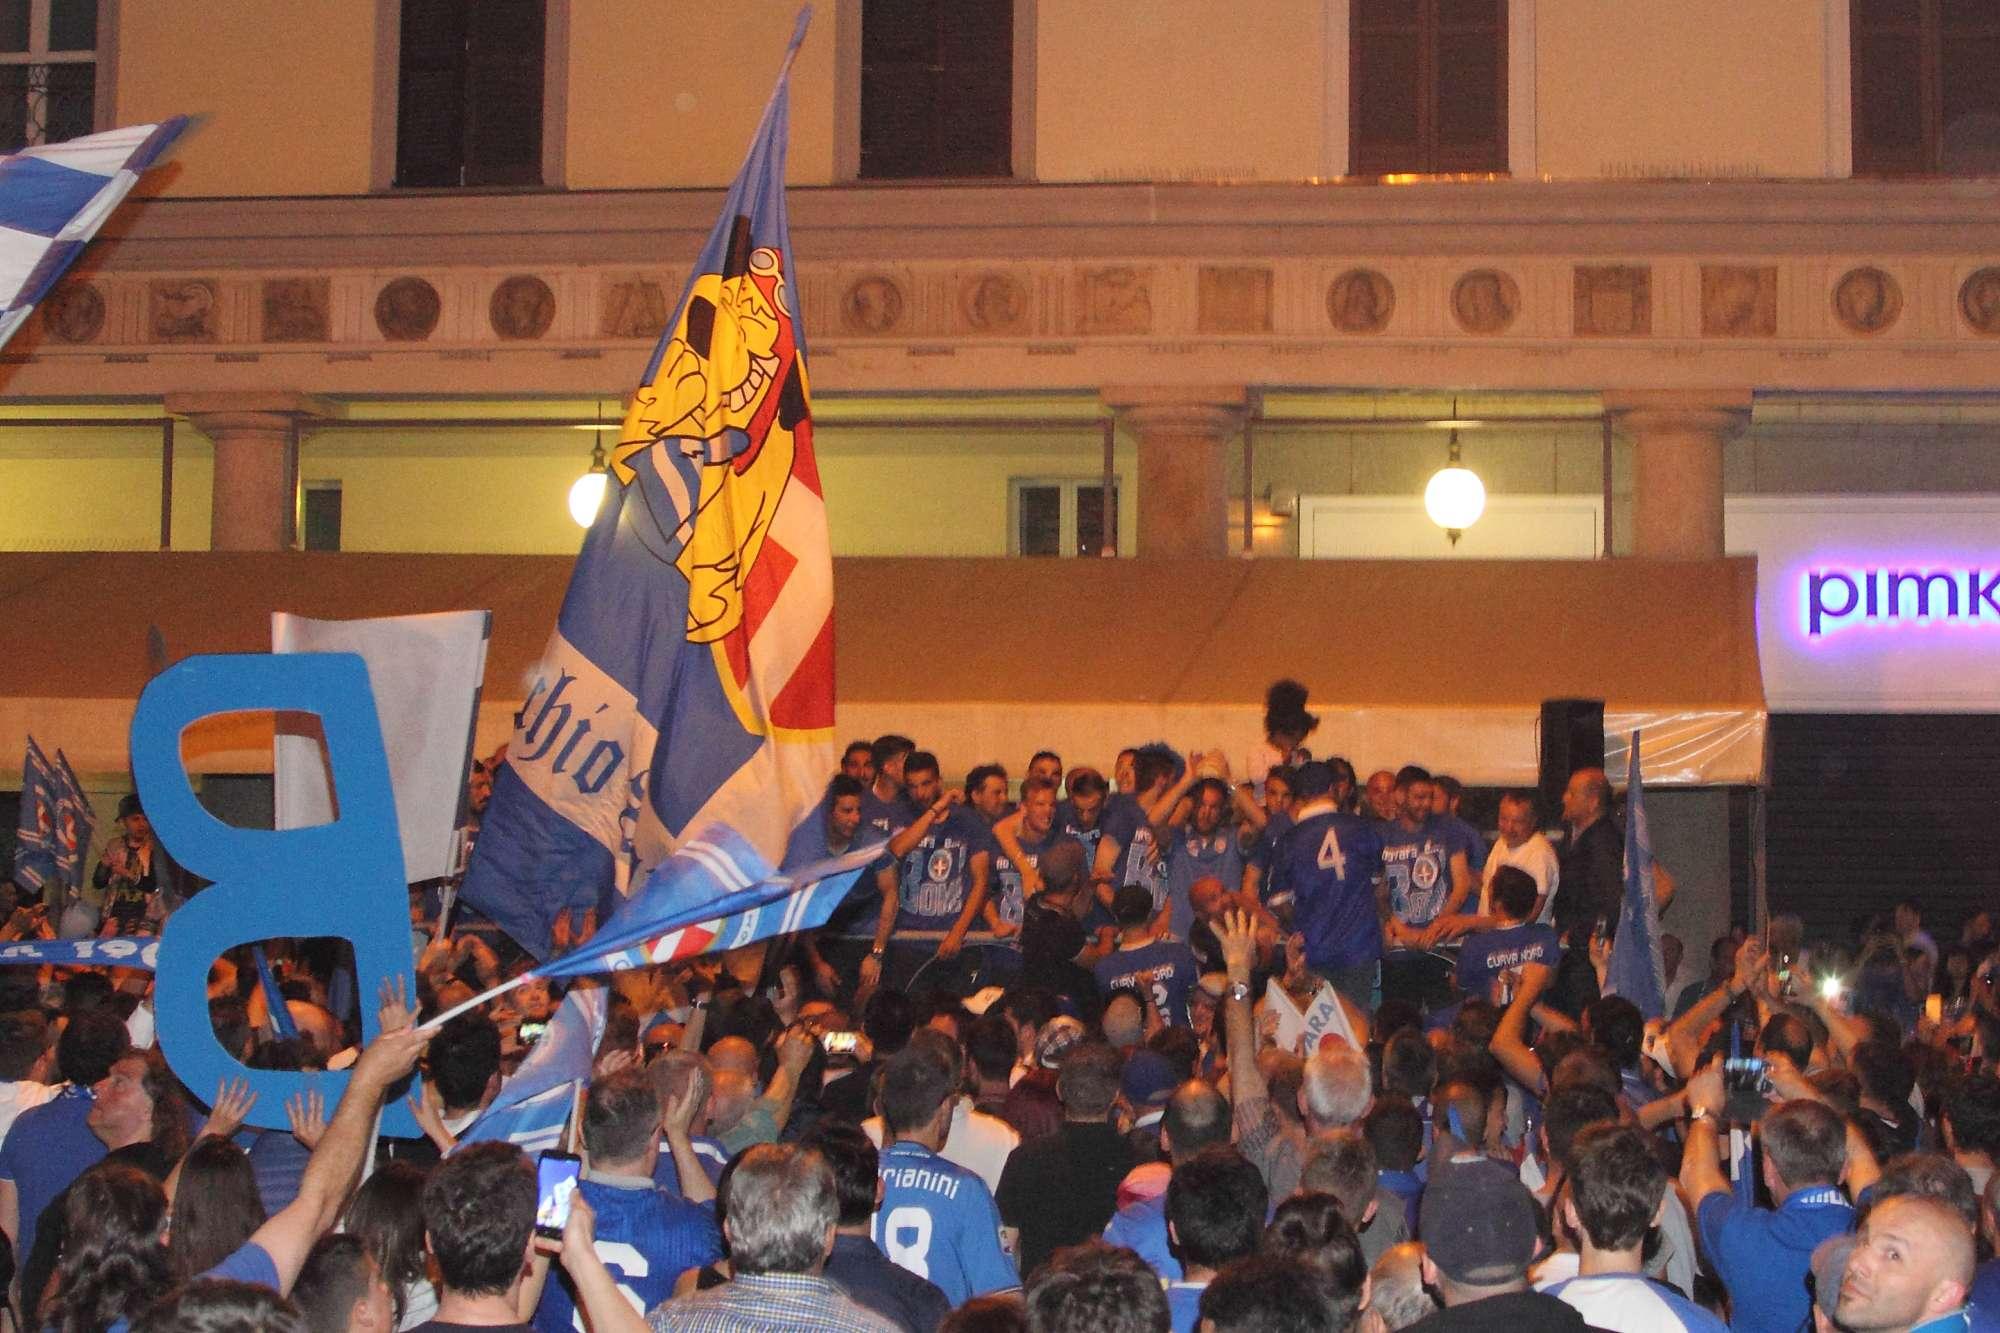 L'omaggio di Novara alla squadra degli azzurri, tra passione, tifo e sogni che si realizzano